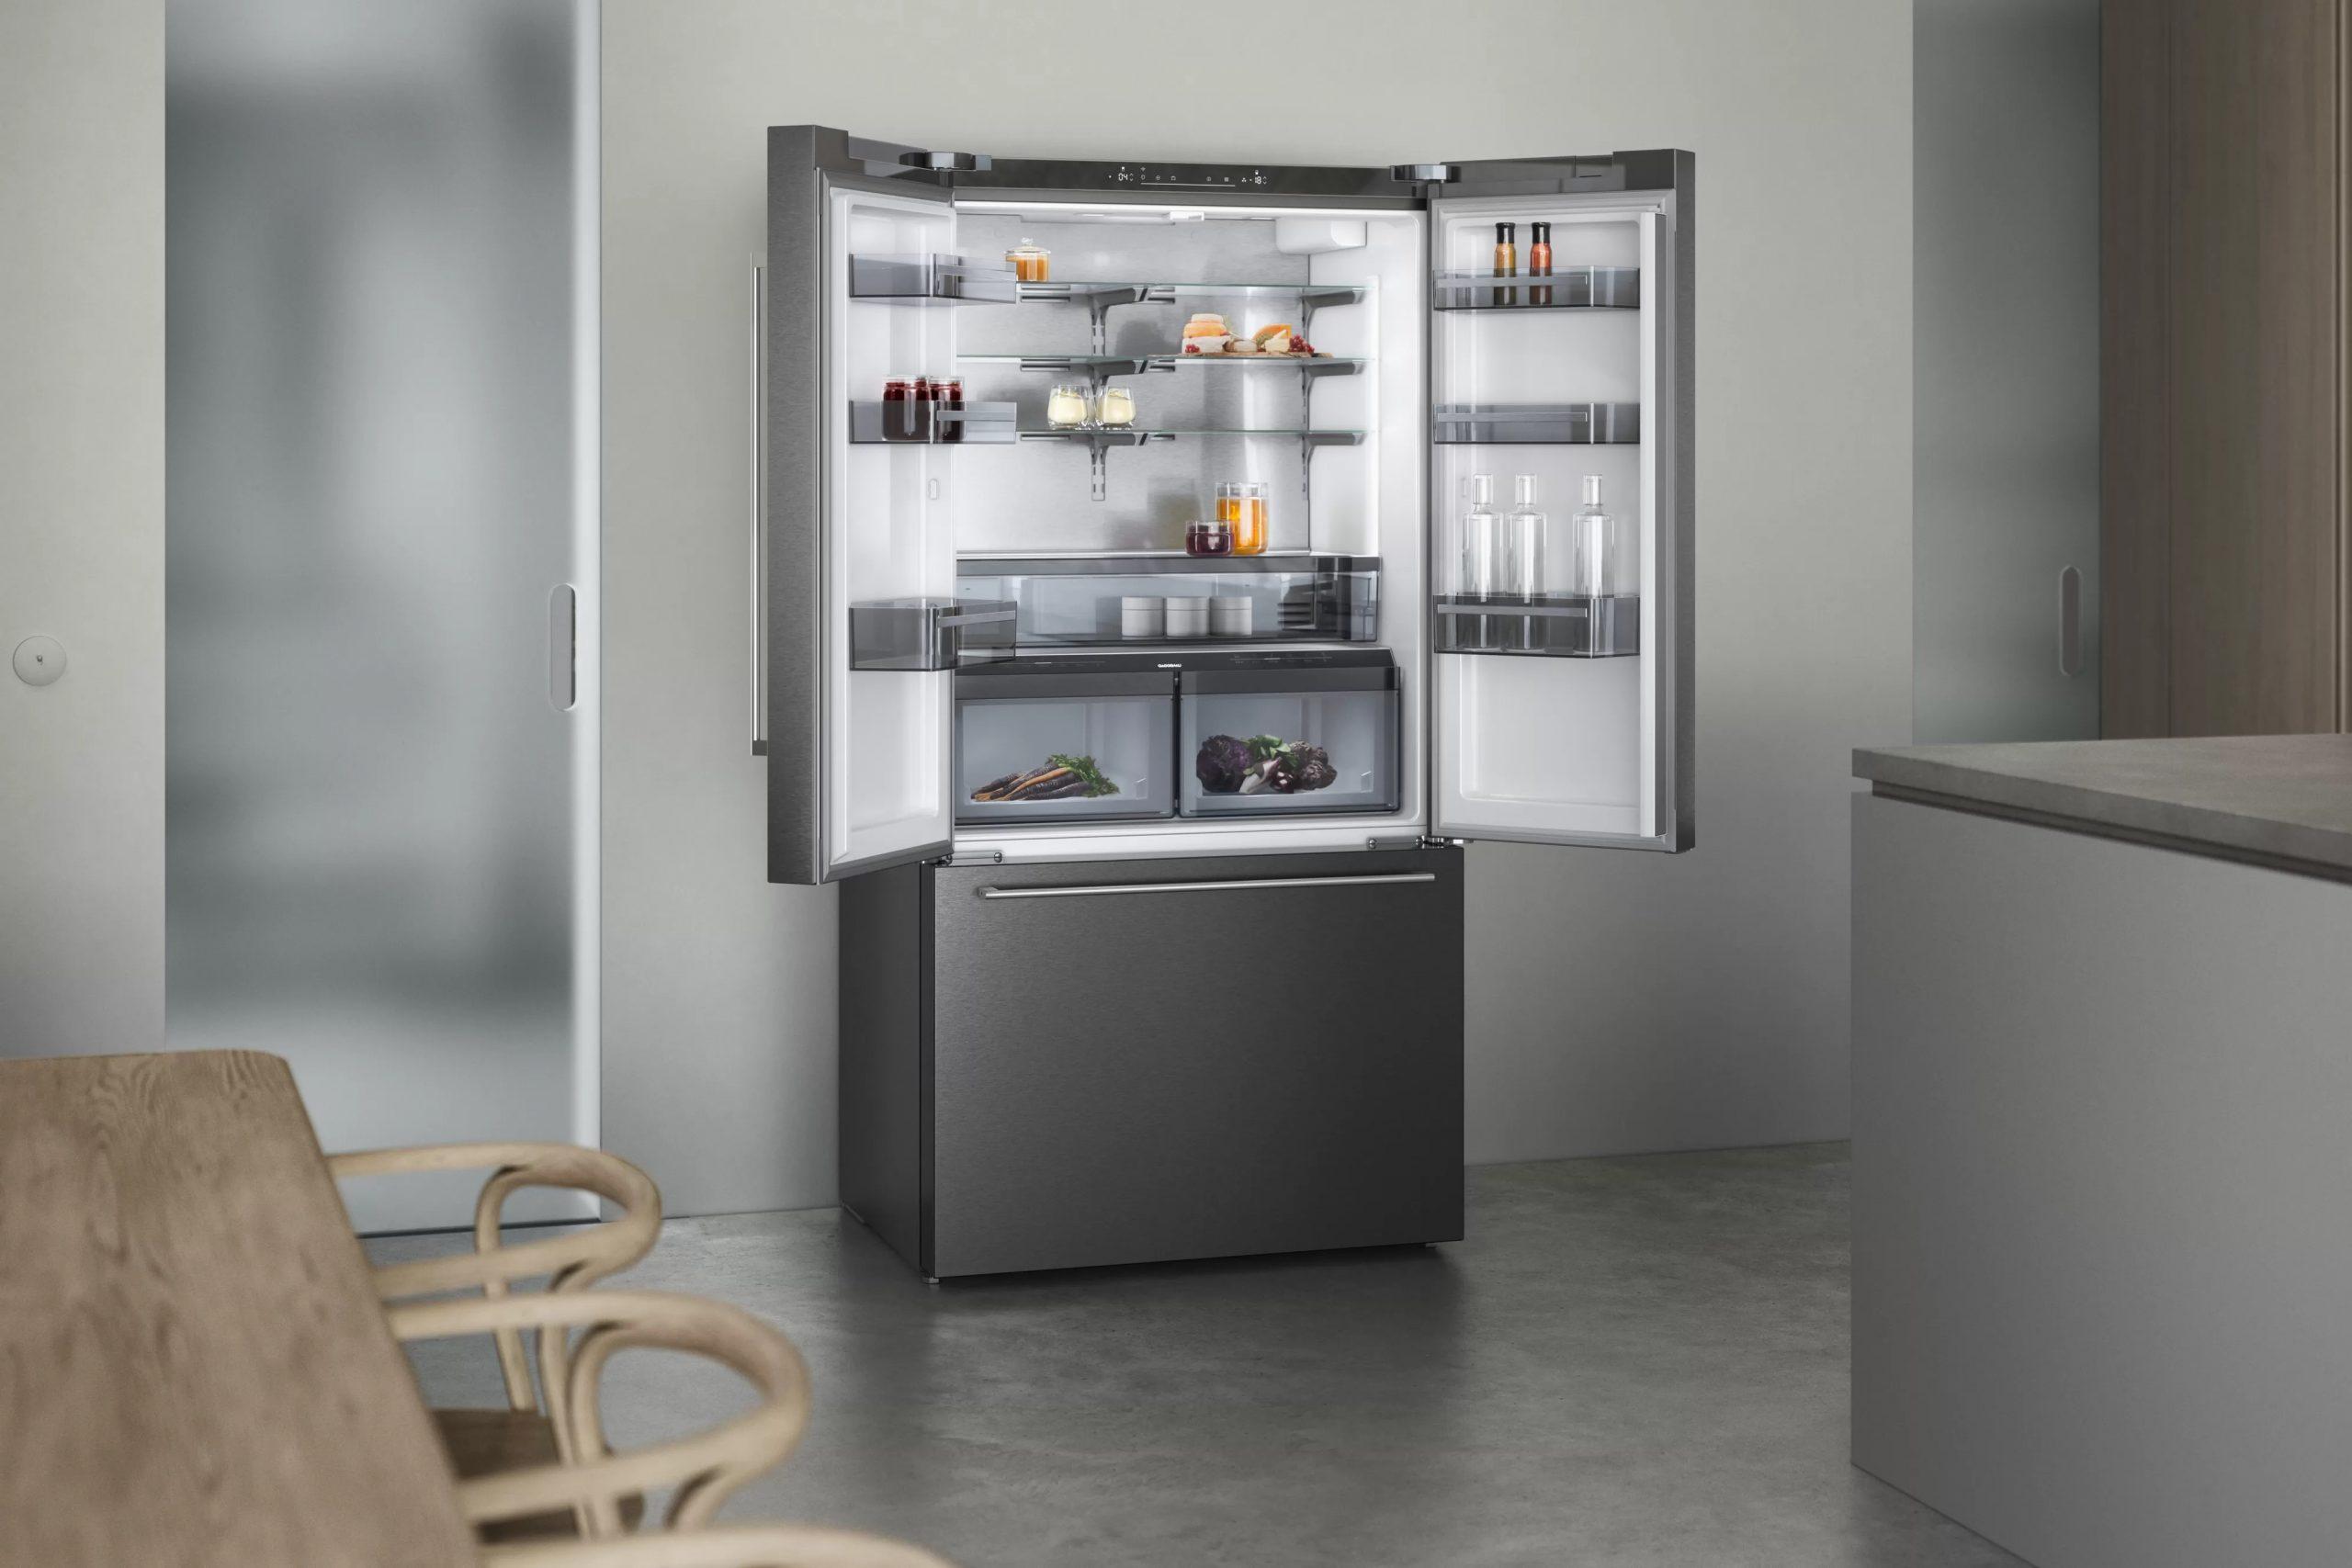 French door bottom freezer 200 series